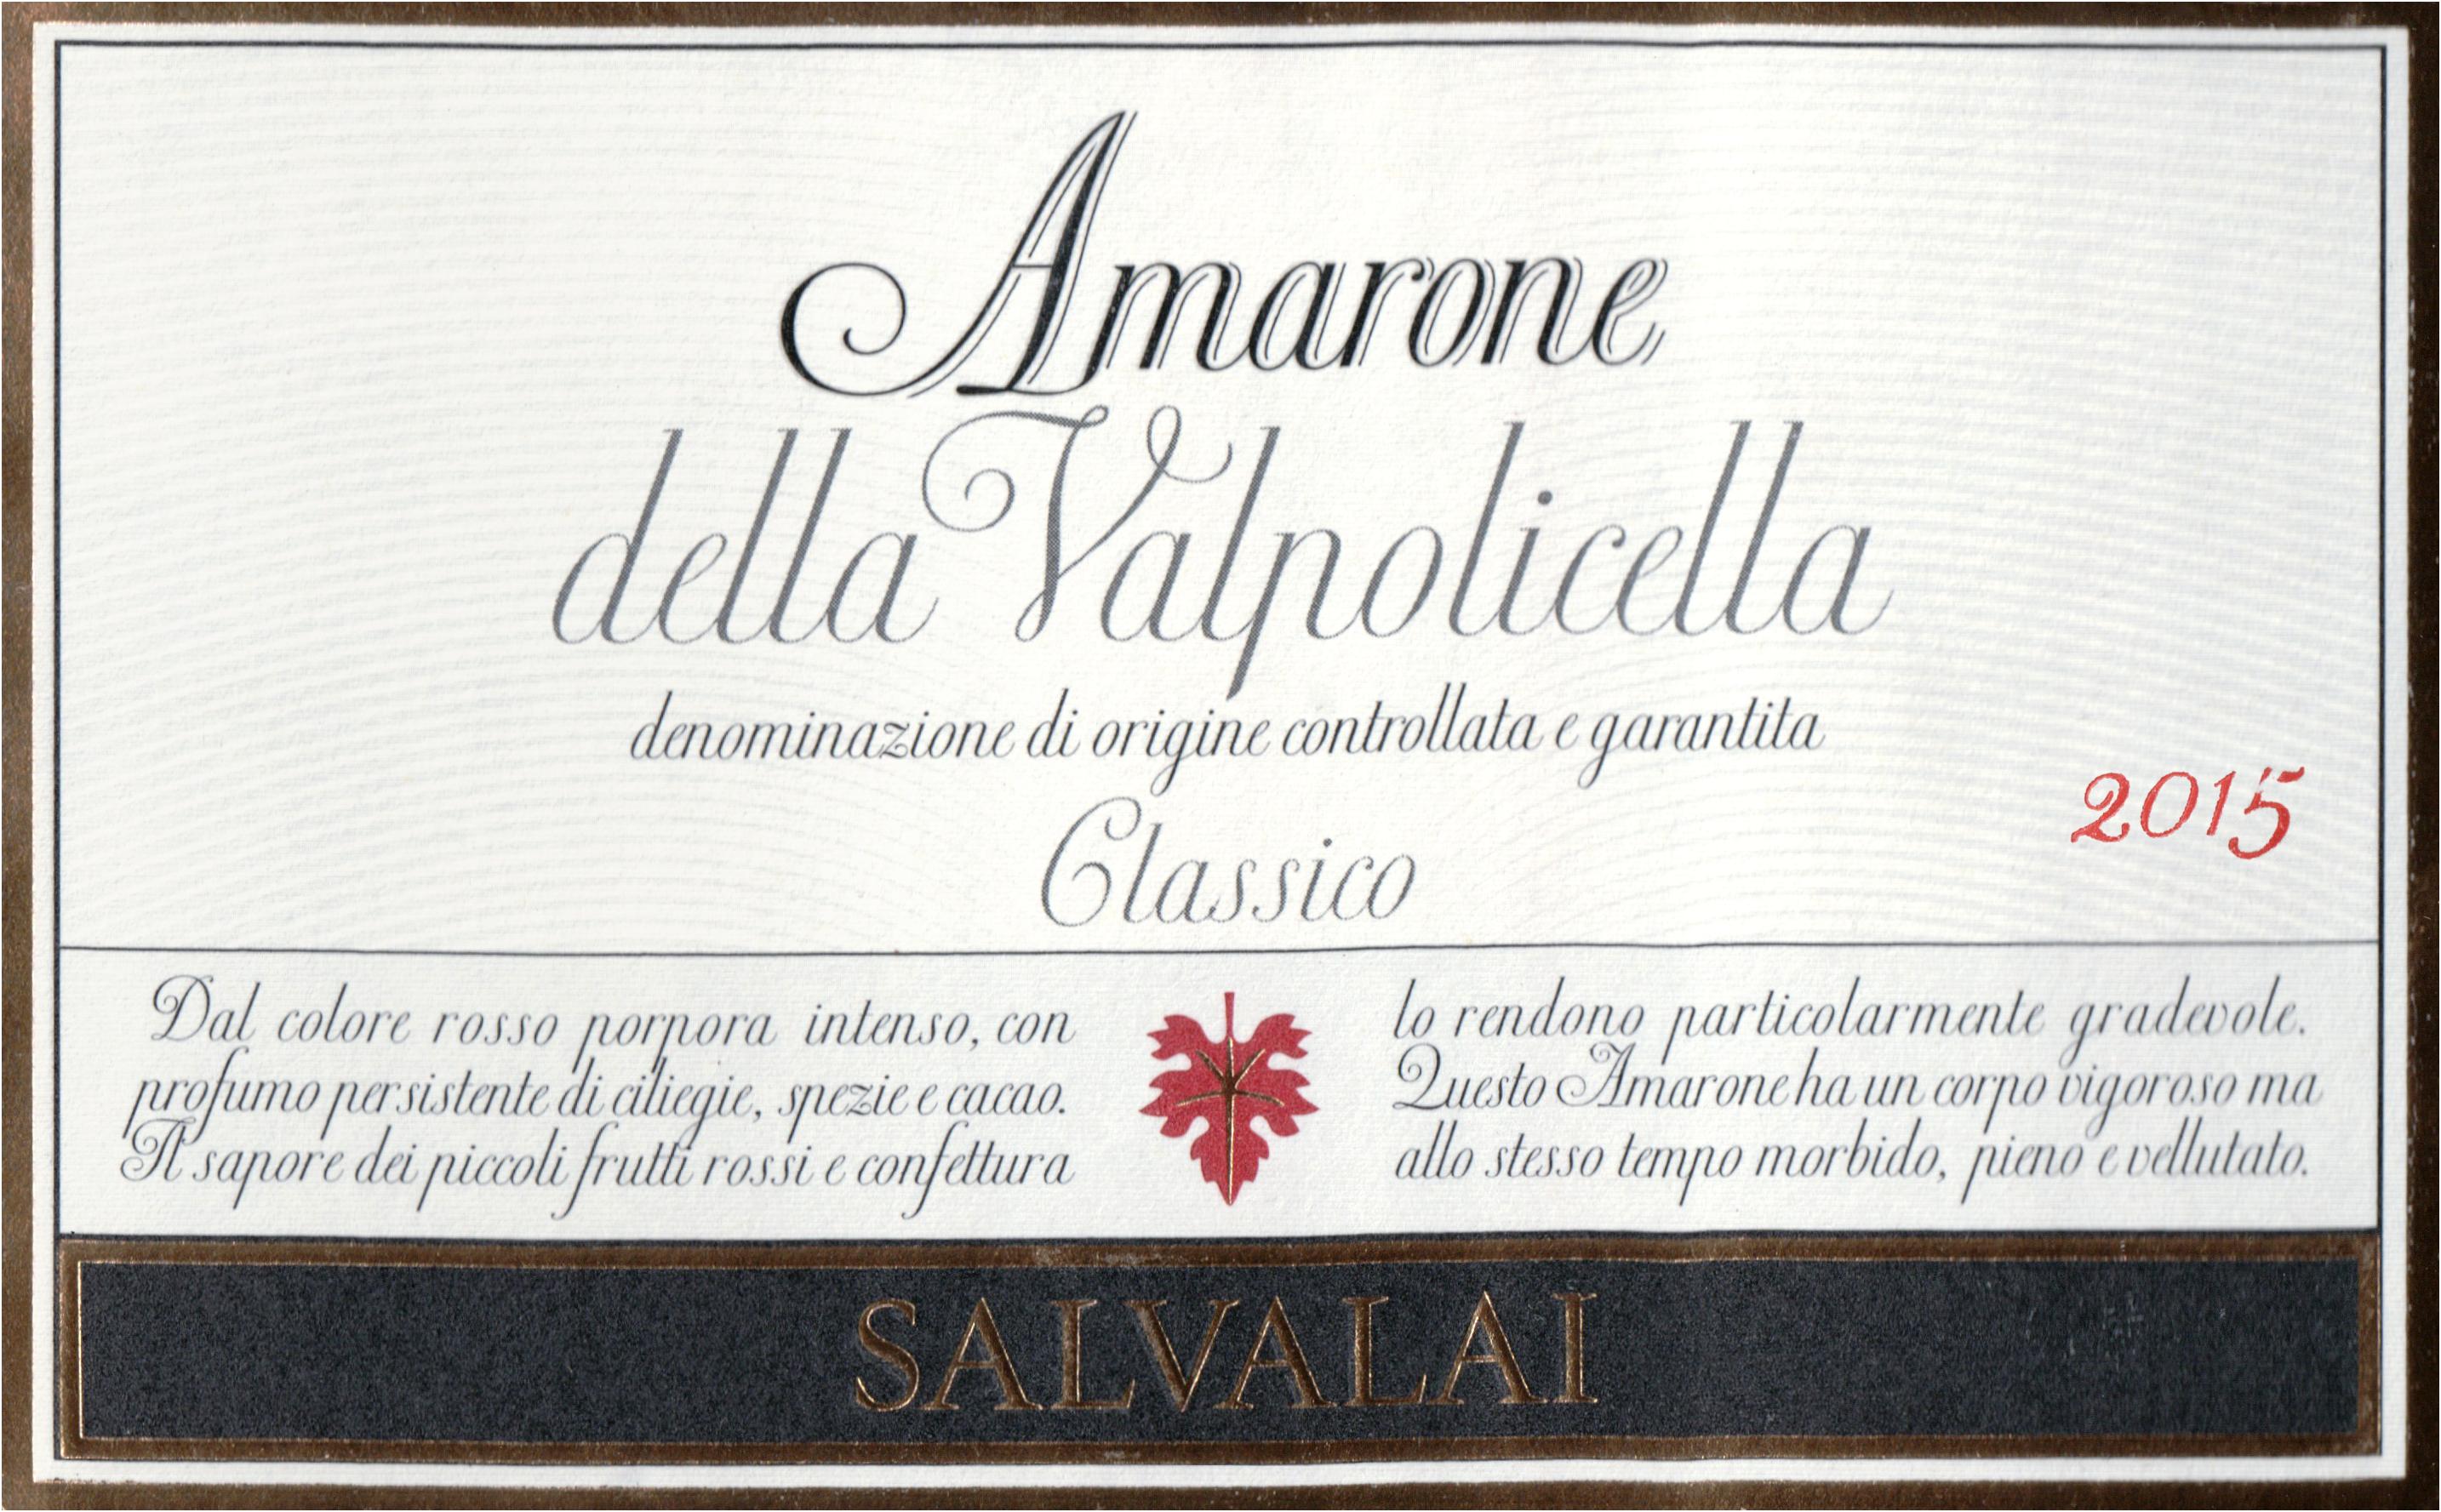 Salvalai Amarone Della Valpolicella Classico 2015